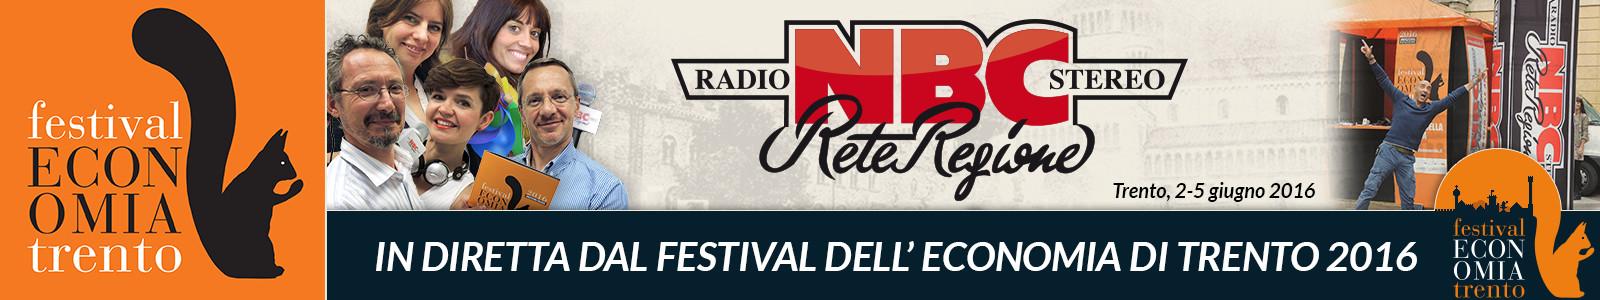 Festival dell' Economia Trento 2016